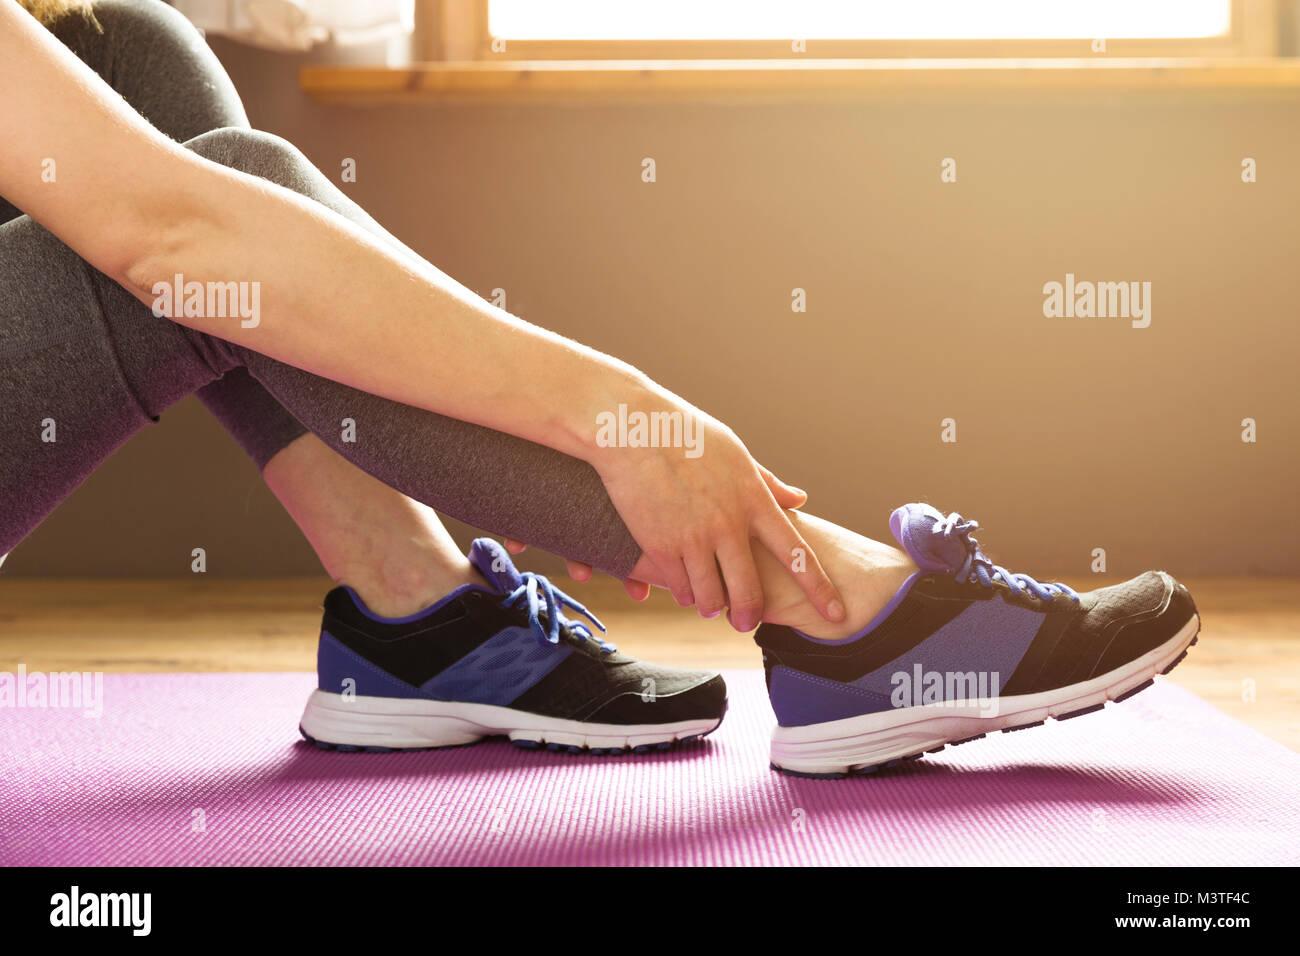 Joven sufre una lesión de tobillo durante el ejercicio. Deporte ejercicio lesiones concepto. Foto de stock